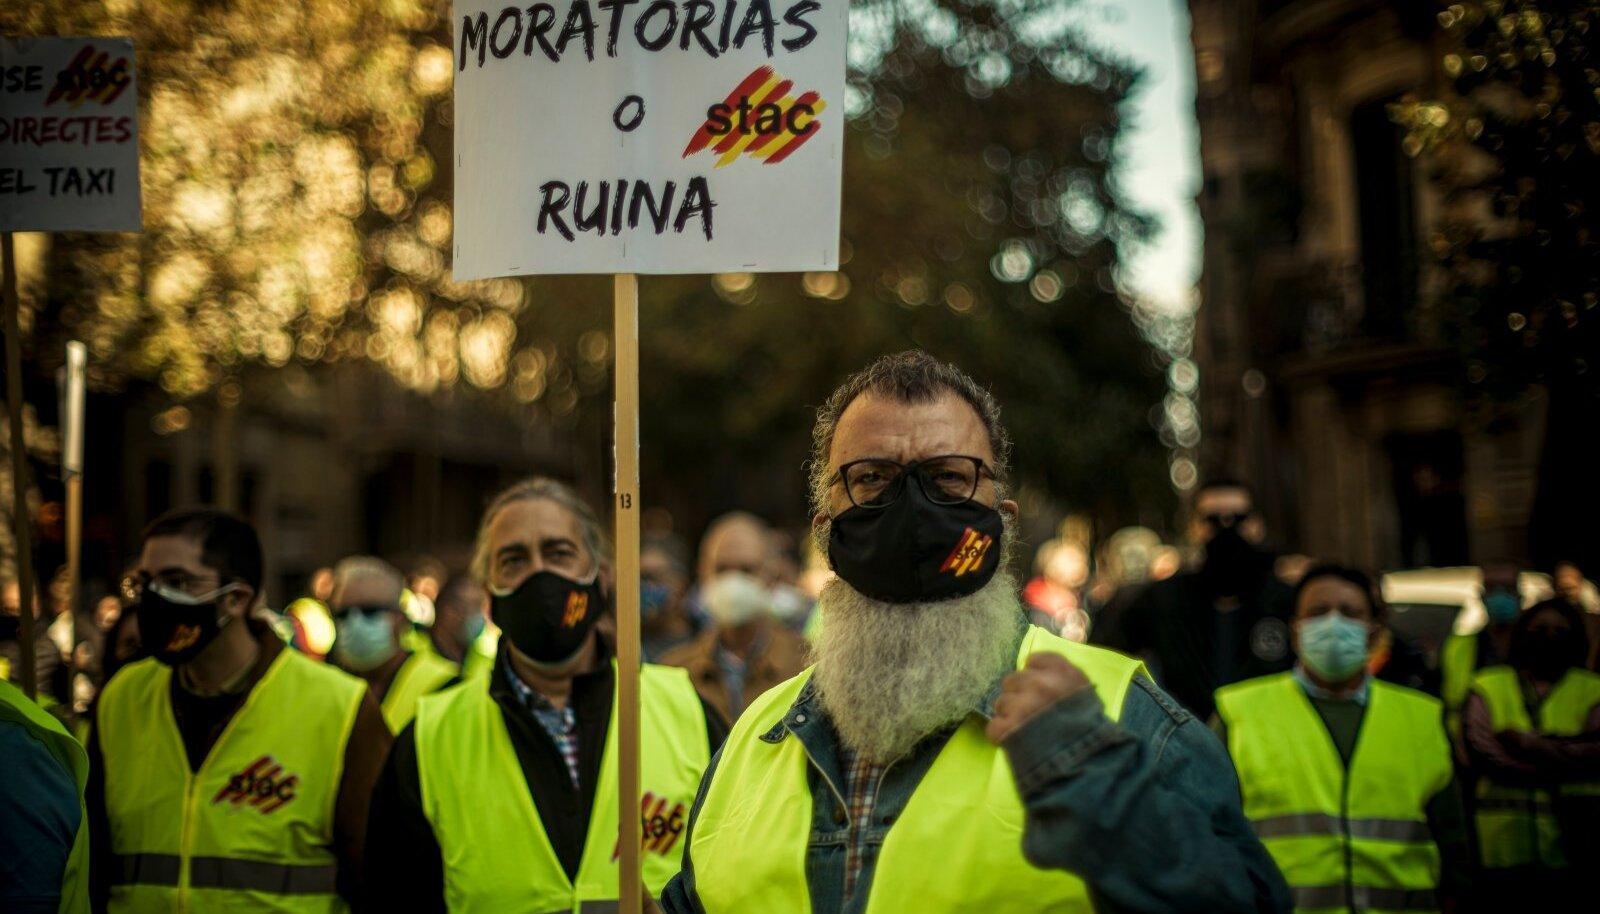 Barcelona taksojuhid karmide koroonapiirangute vastu meelt avaldamas.